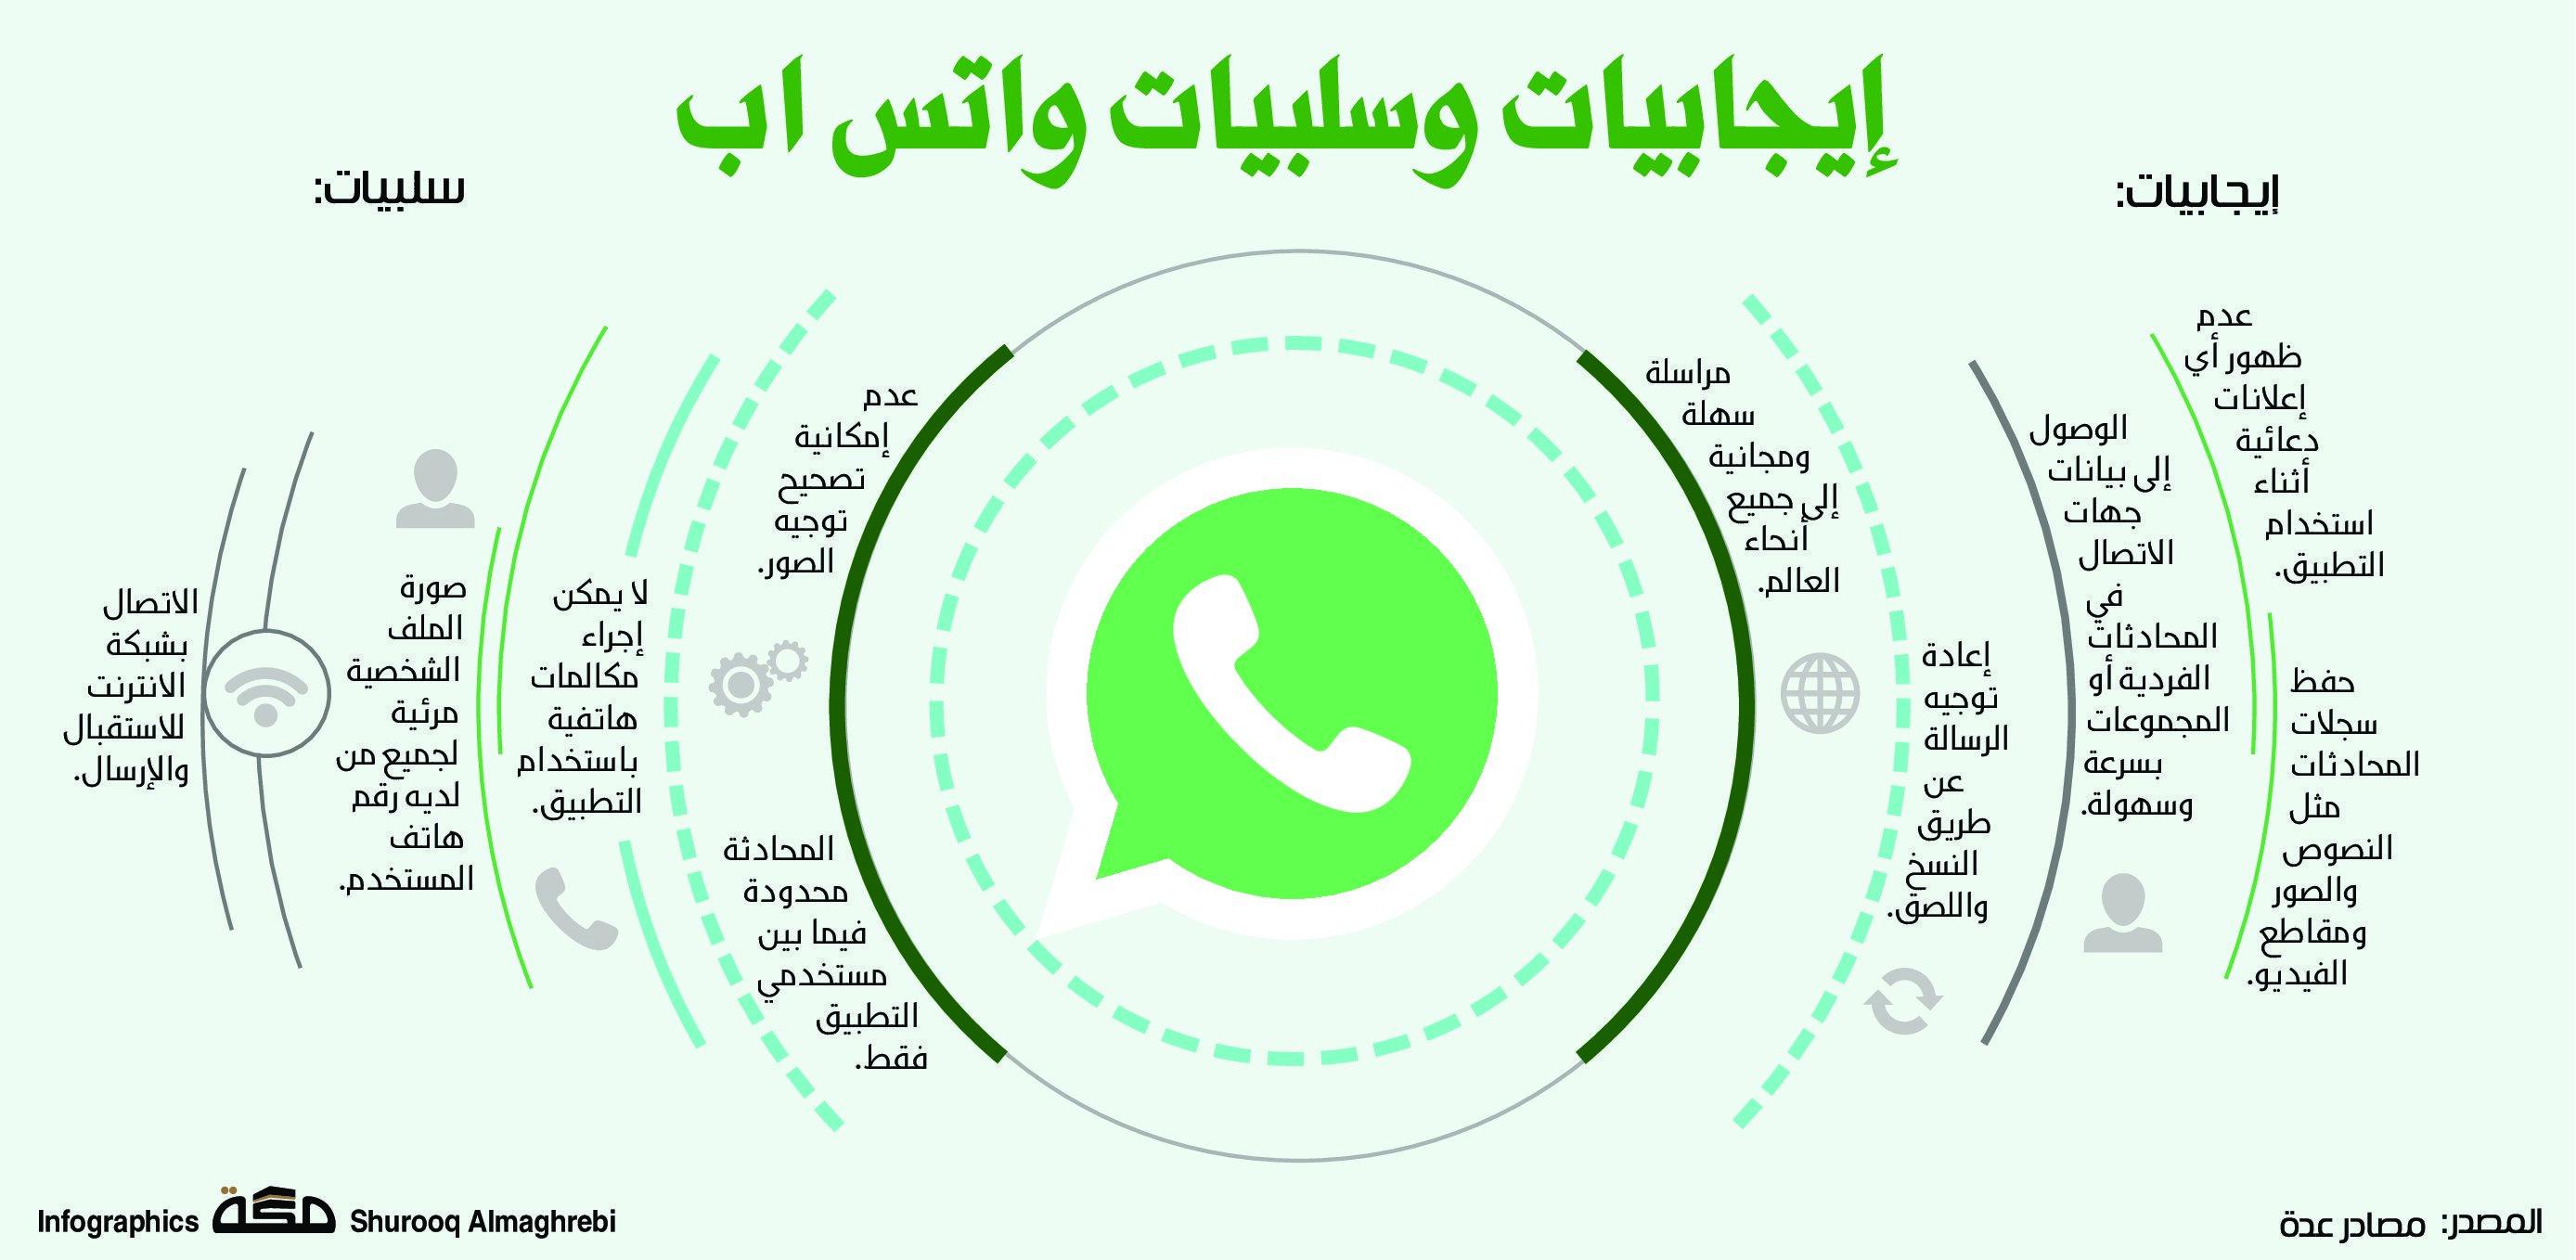 إيجابيات وسلبيات واتس اب صحيفة مكة انفوجرافيك تقنية Pinterest Logo Tech Company Logos Company Logo